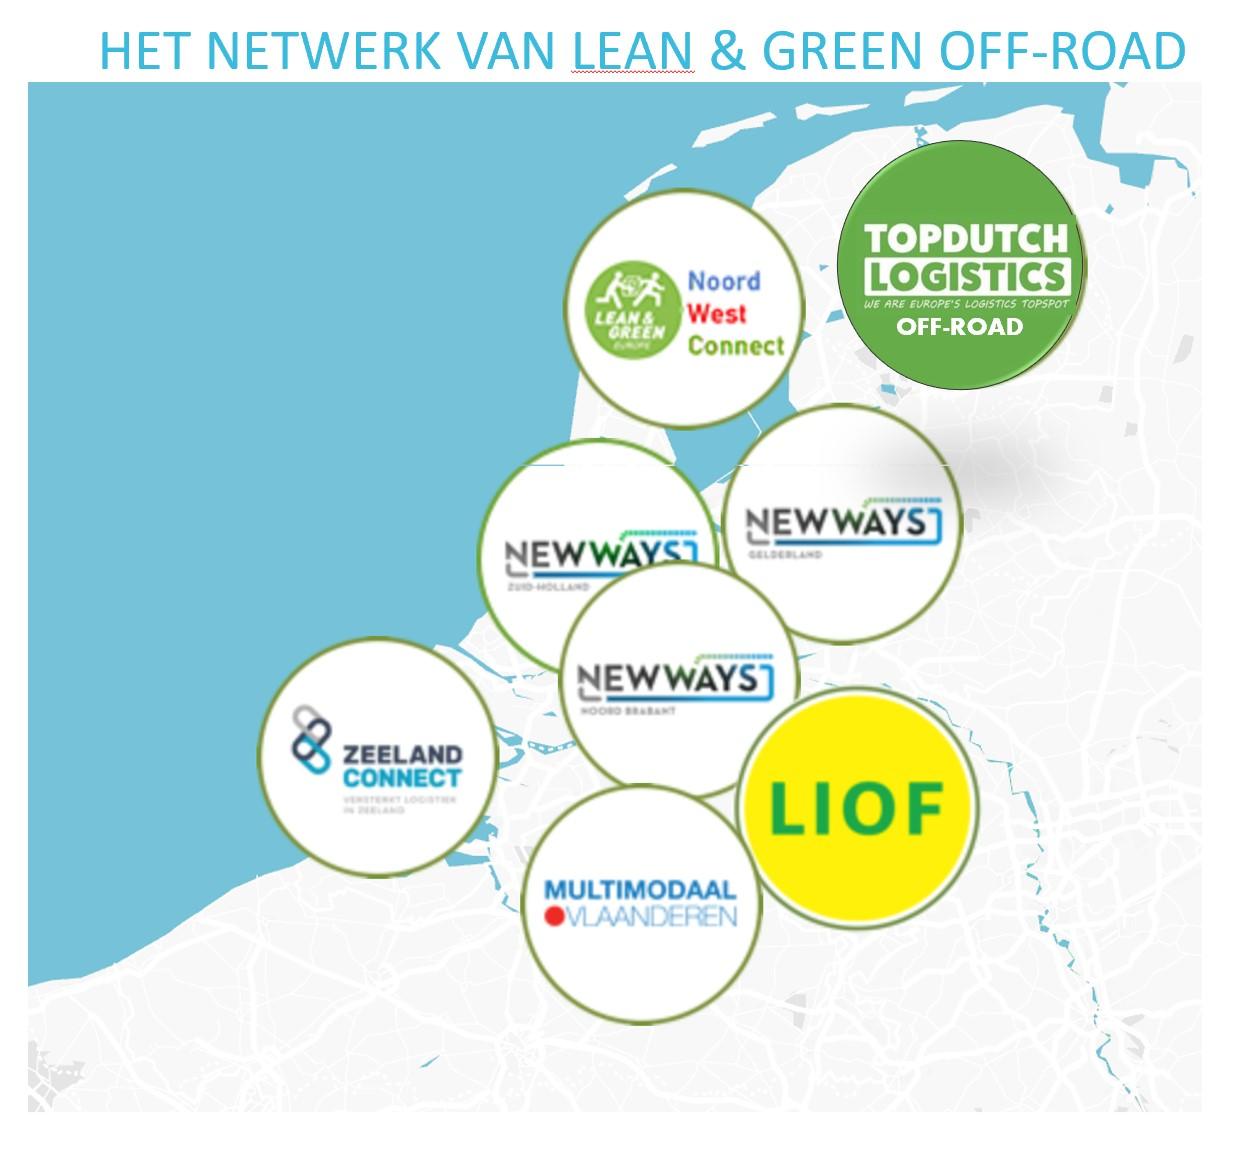 De regionale aanpak van Lean & Green Off-Road